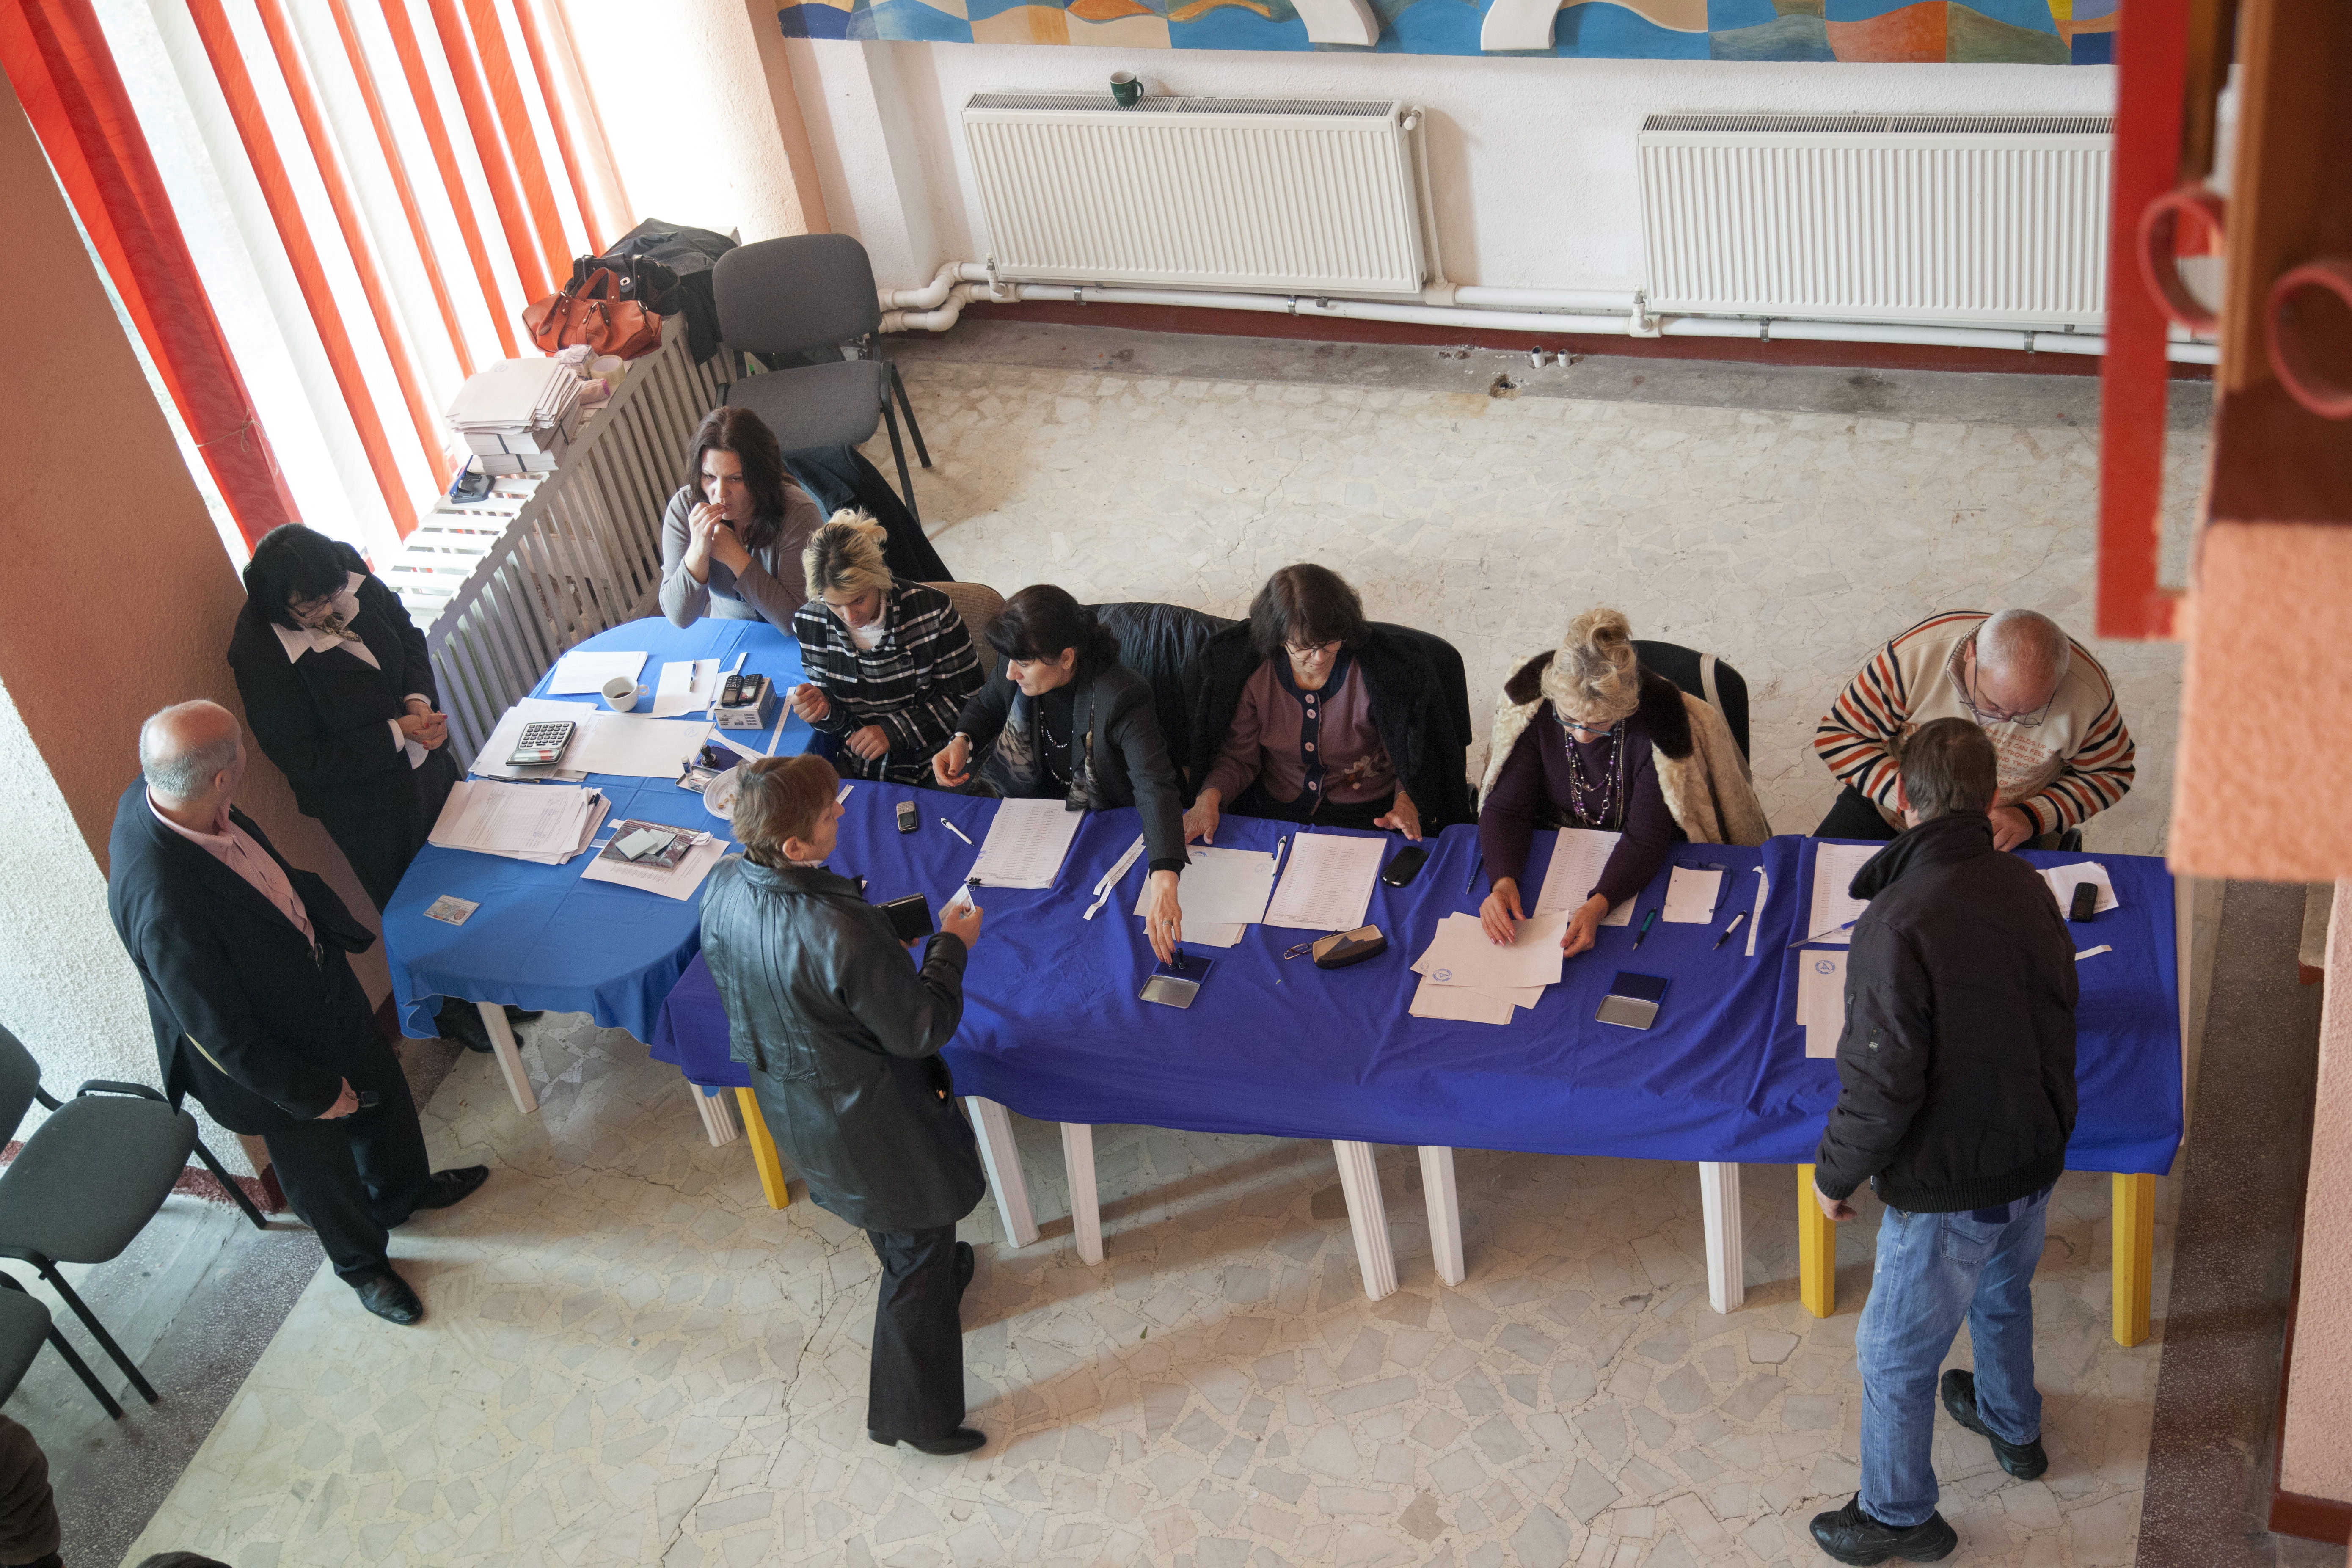 INCIDENTE ALEGERI PREZIDENTIALE 2014. Un sucevean a vrut sa voteze avand o copie a cartii de identitate lipita pe un carton